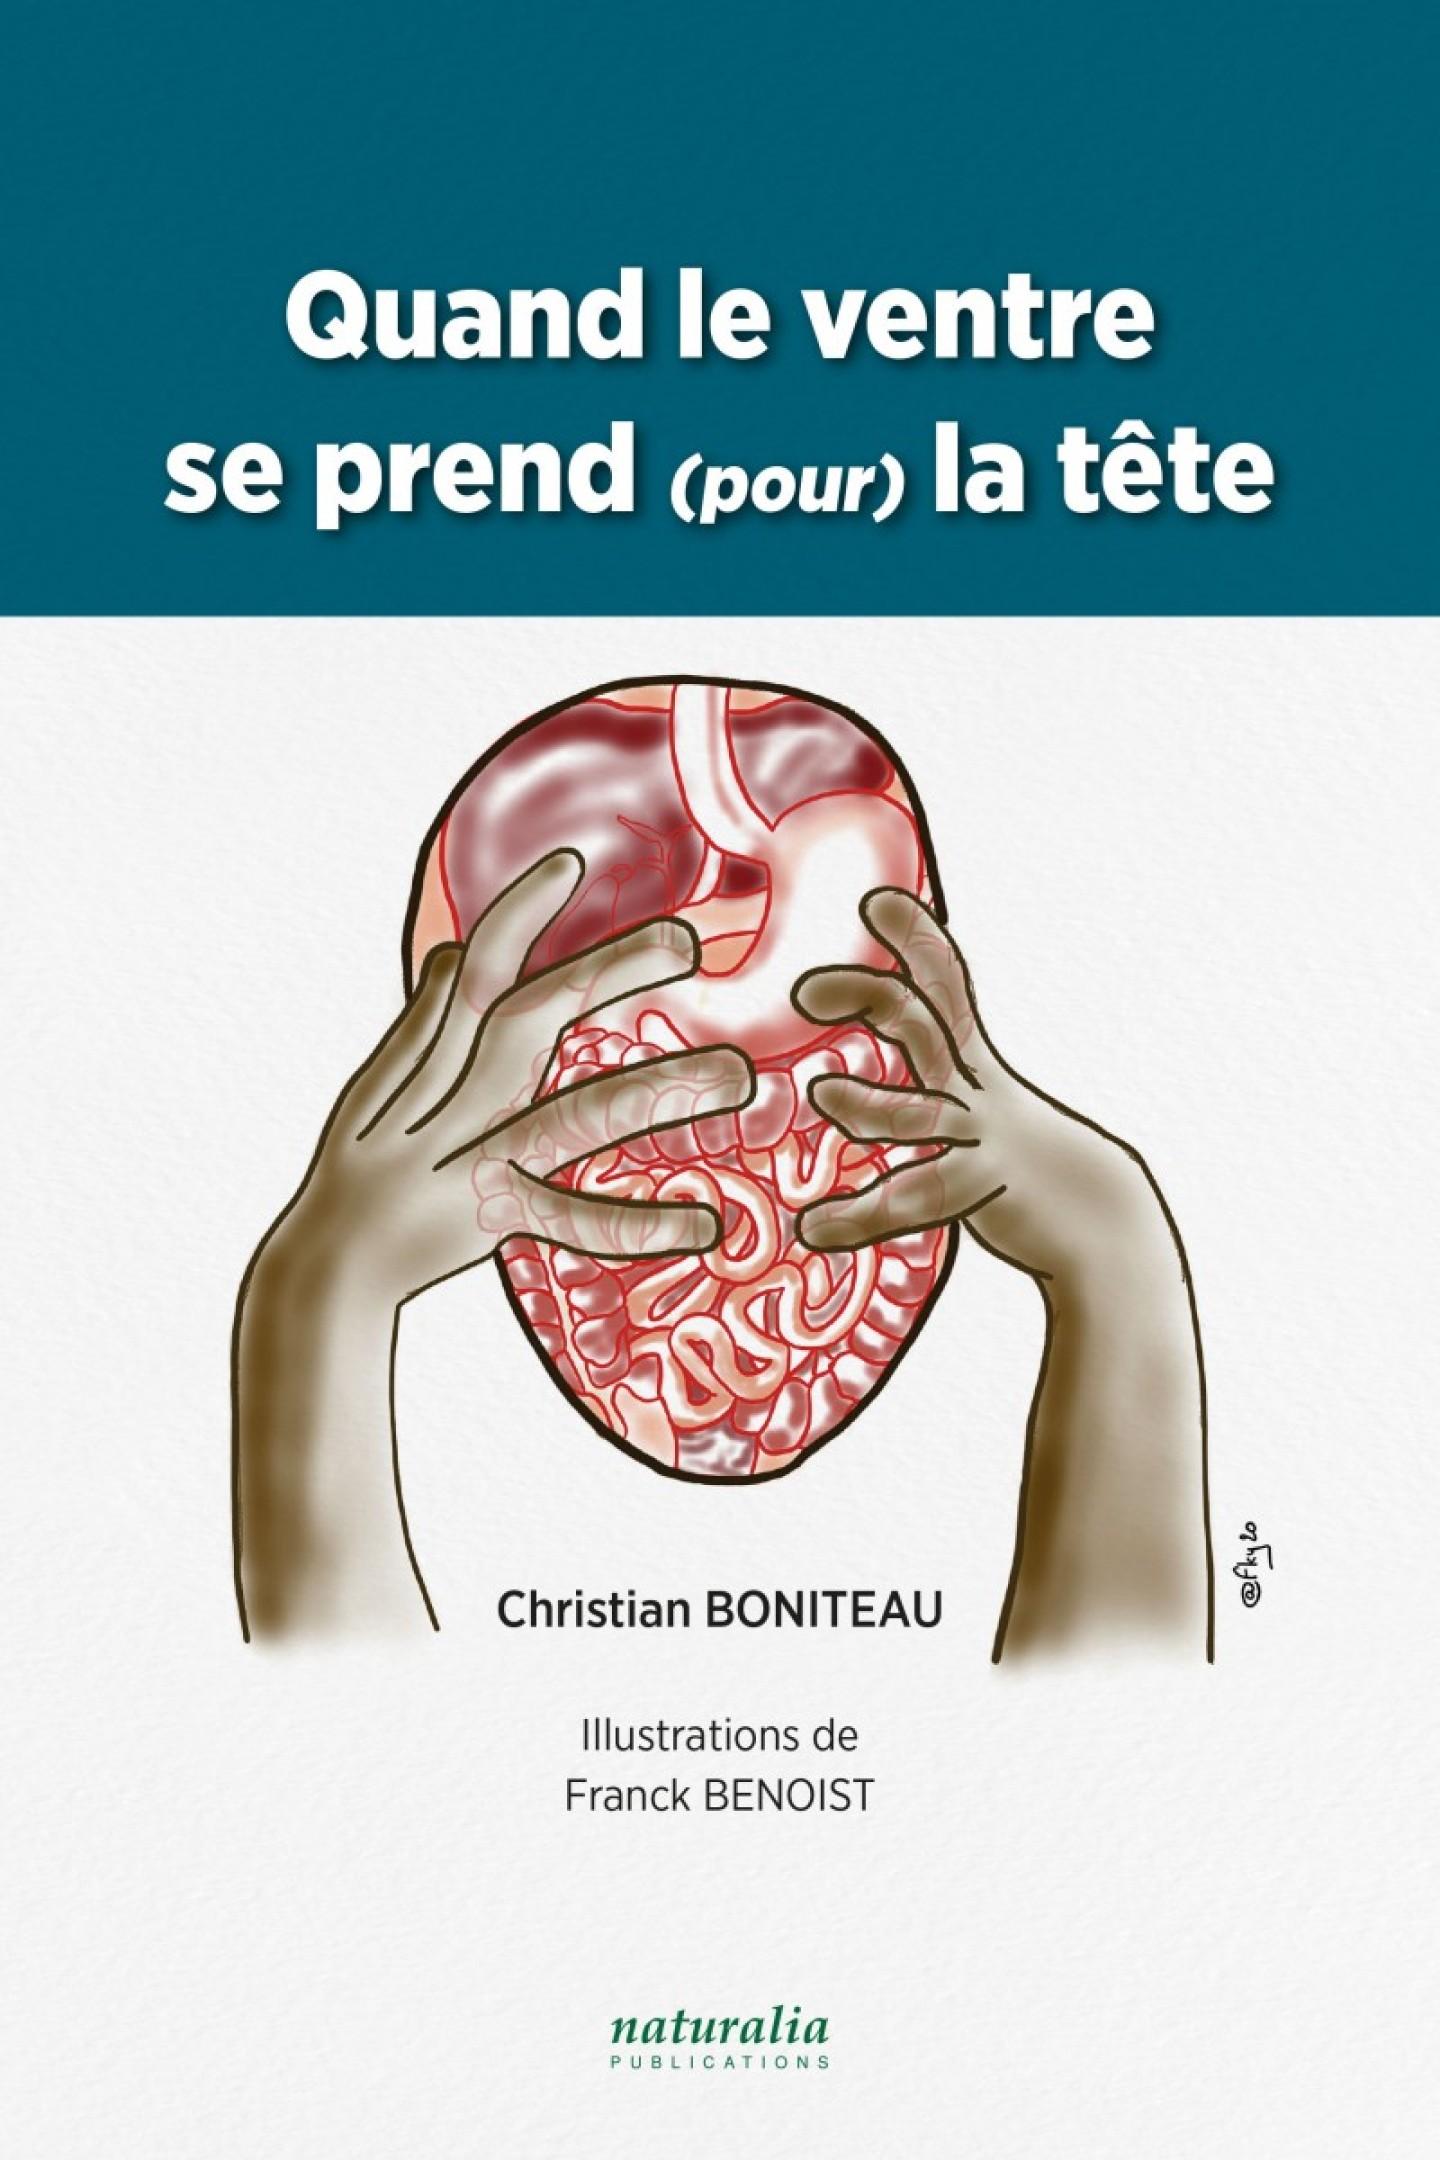 Quand le ventre se prend (pour) la tête de Christian Boniteau